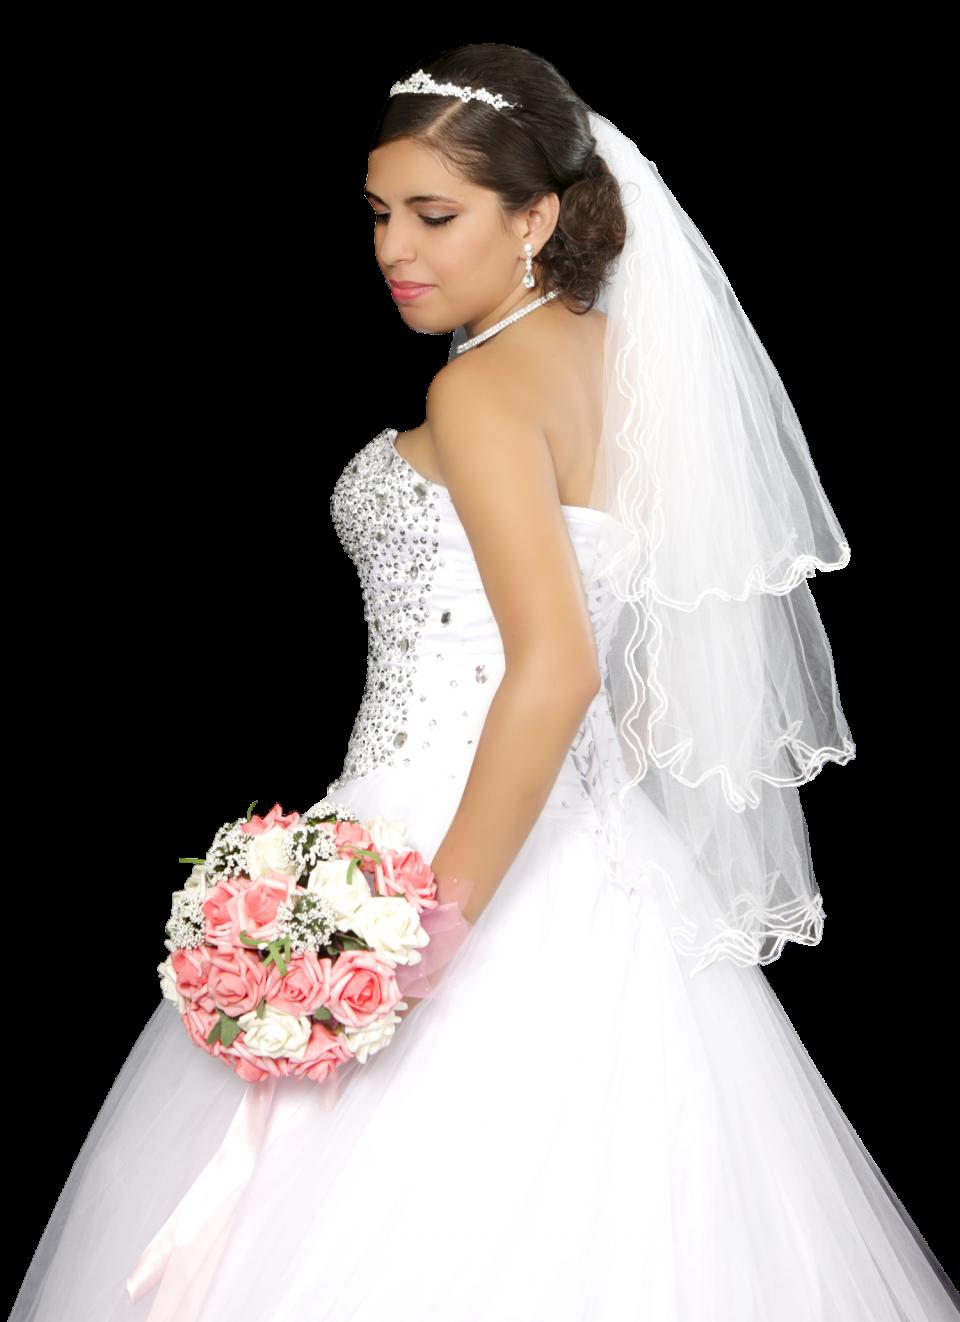 Wedding Girl PNG Image